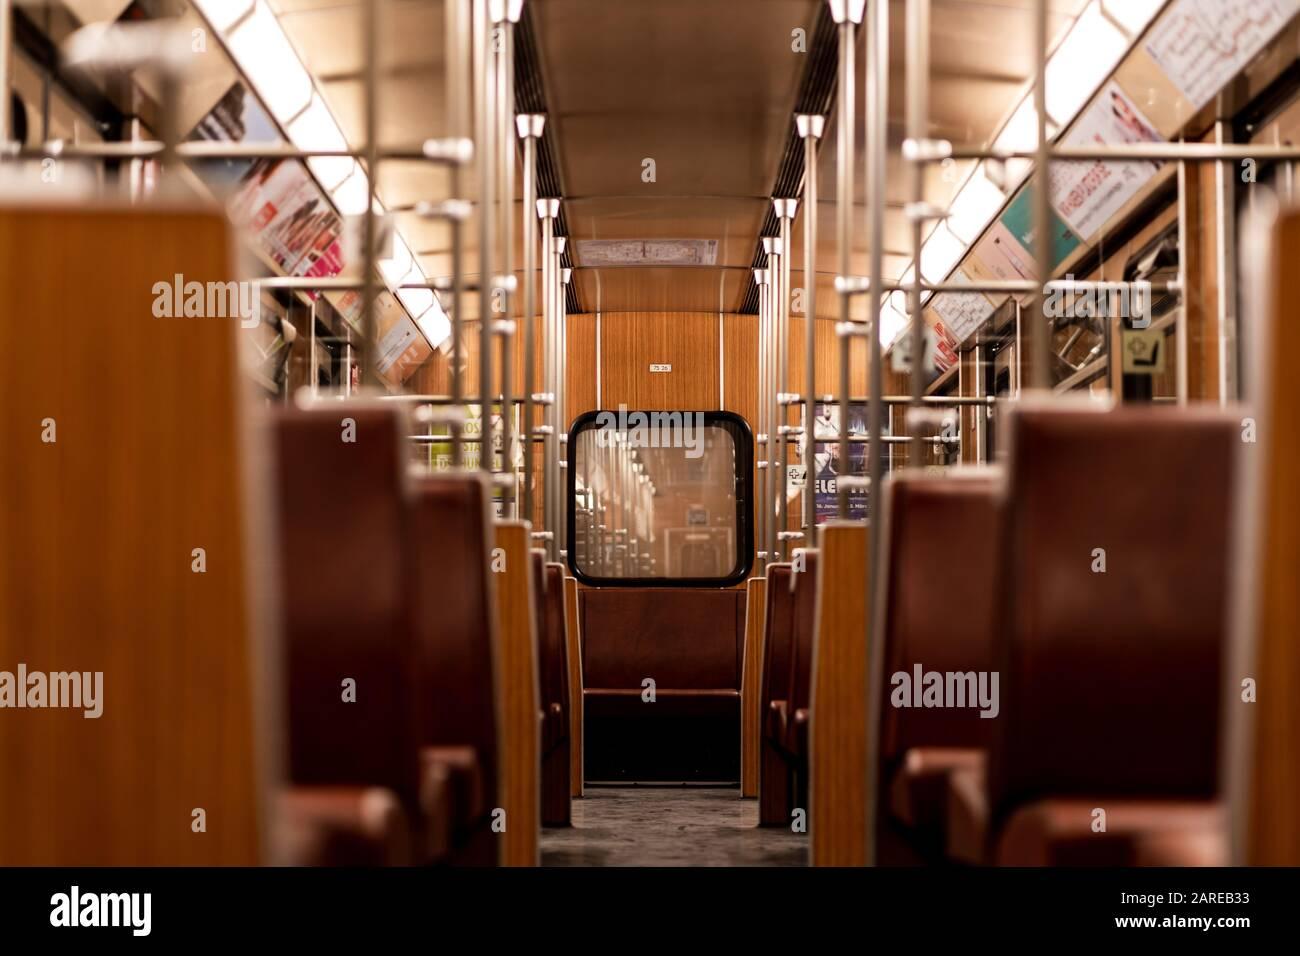 München, DEUTSCHLAND - 25. Januar 2020: Interieur alter U-Bahn-Oldtimer in München. Mit diesen Zügen pendeln täglich bayerische Menschen. Leerer U-Bahn-Zug Stockfoto